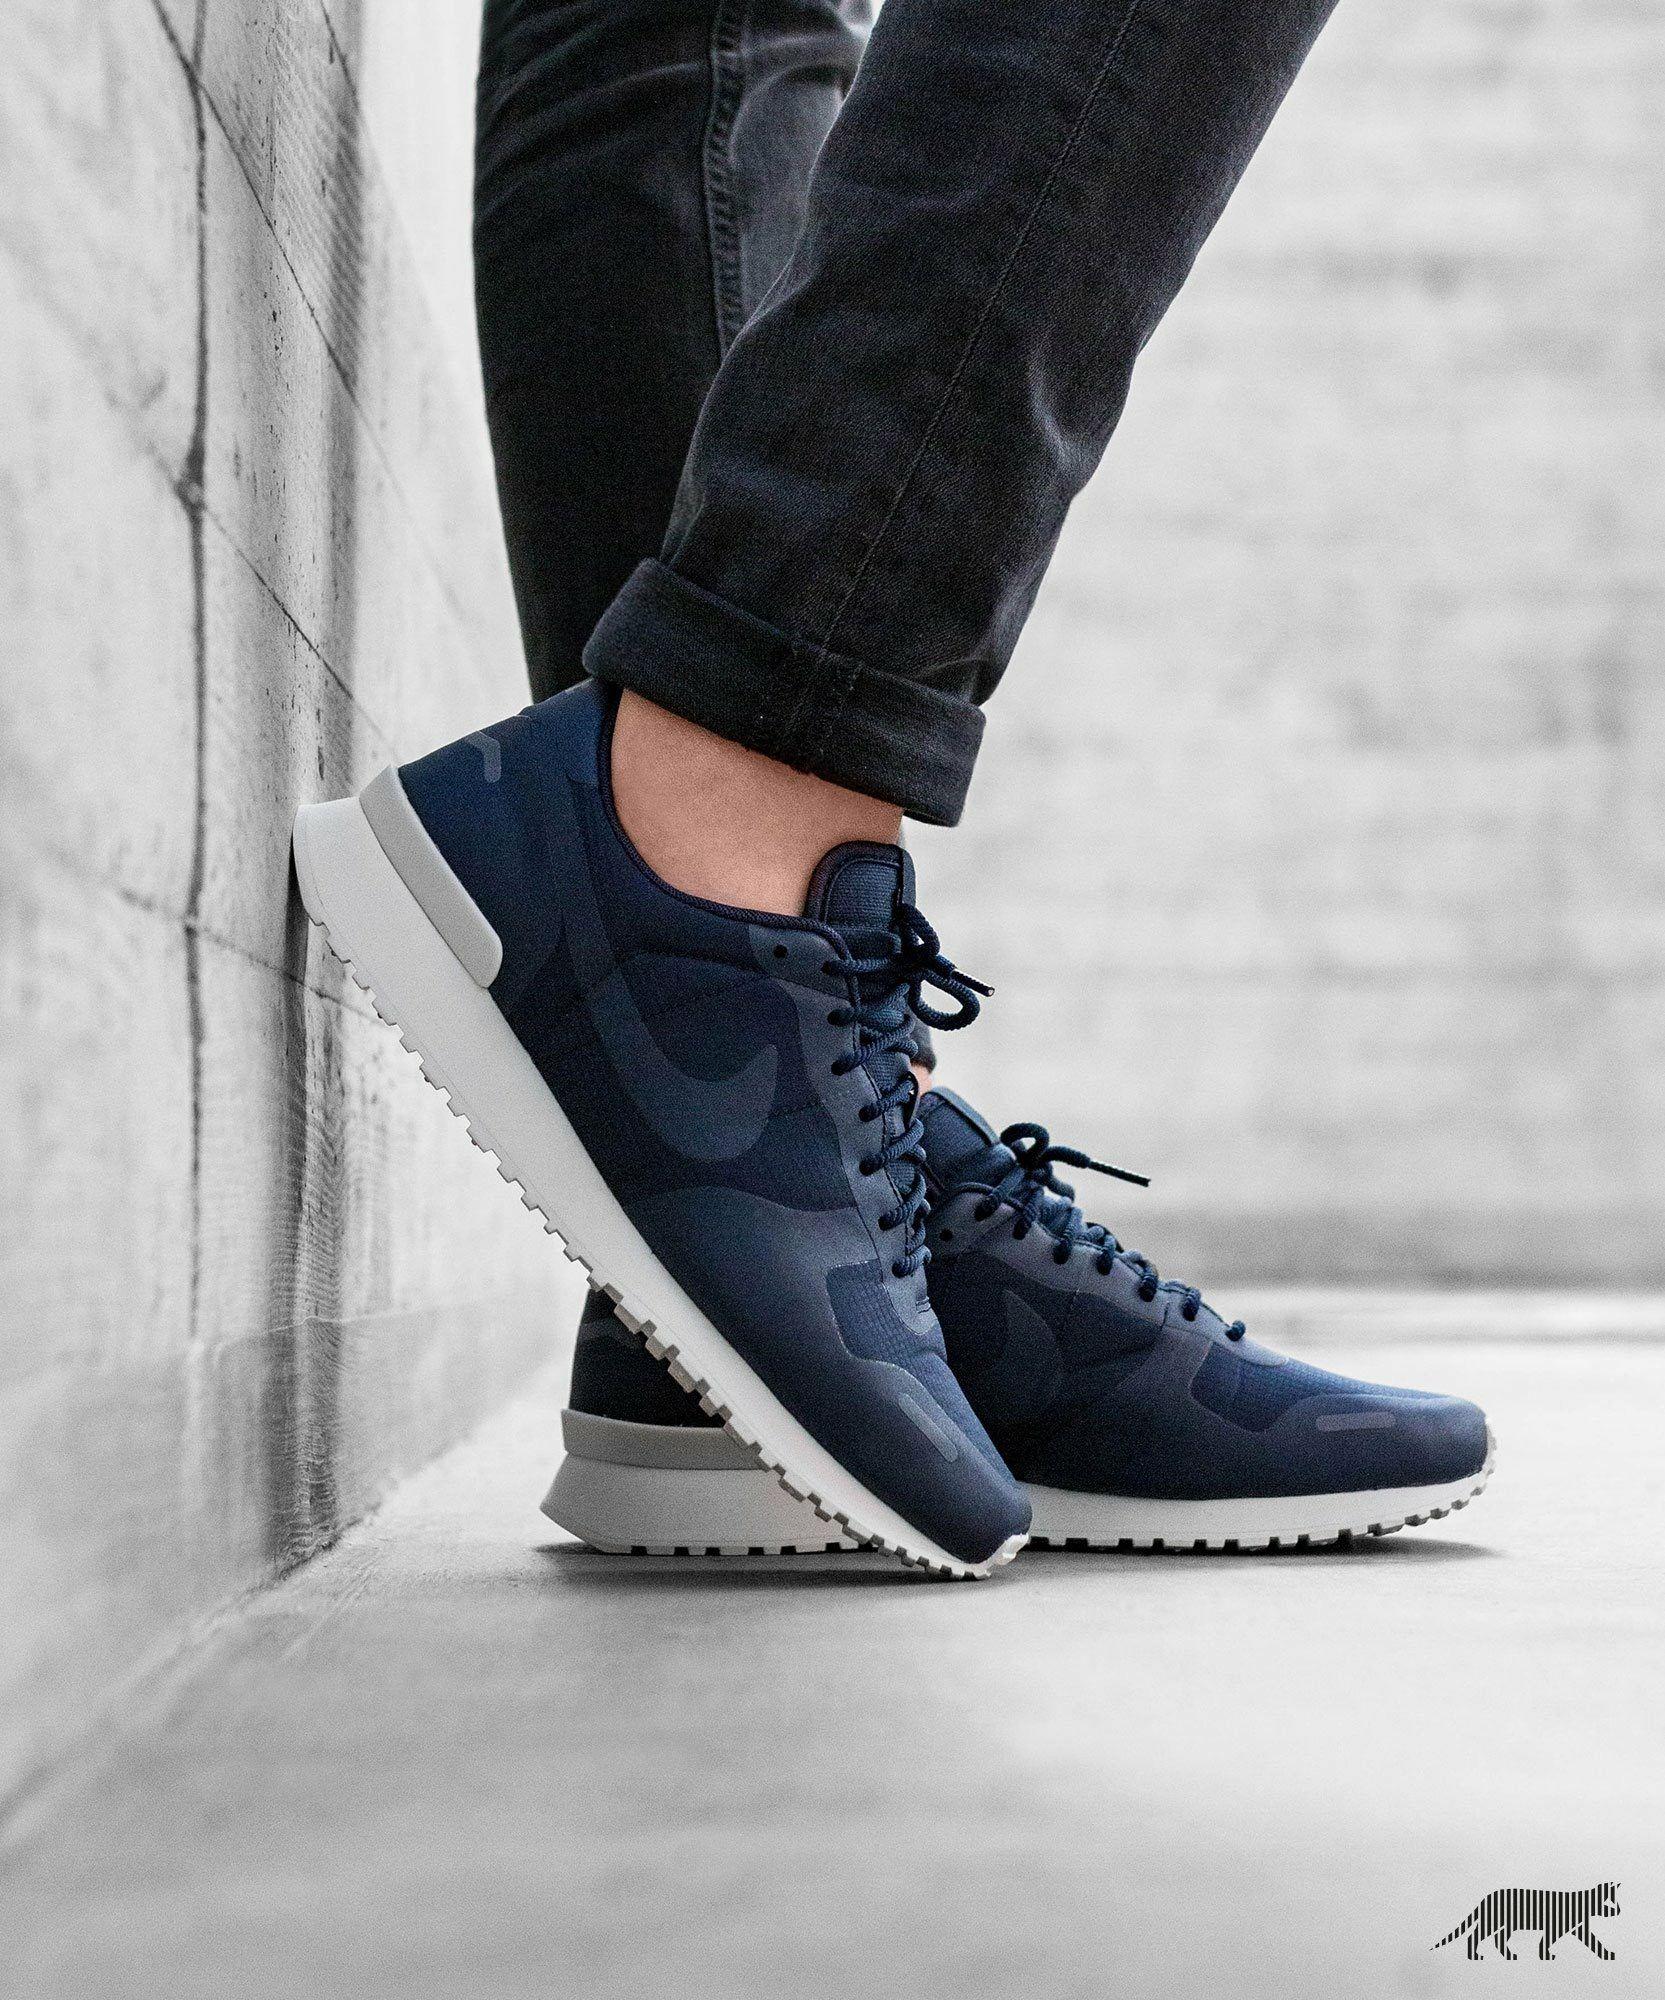 968cf9636c Nike Air Vortex SE | Shoes, Sneakers, etc. | Nike, Sneakers nike és ...